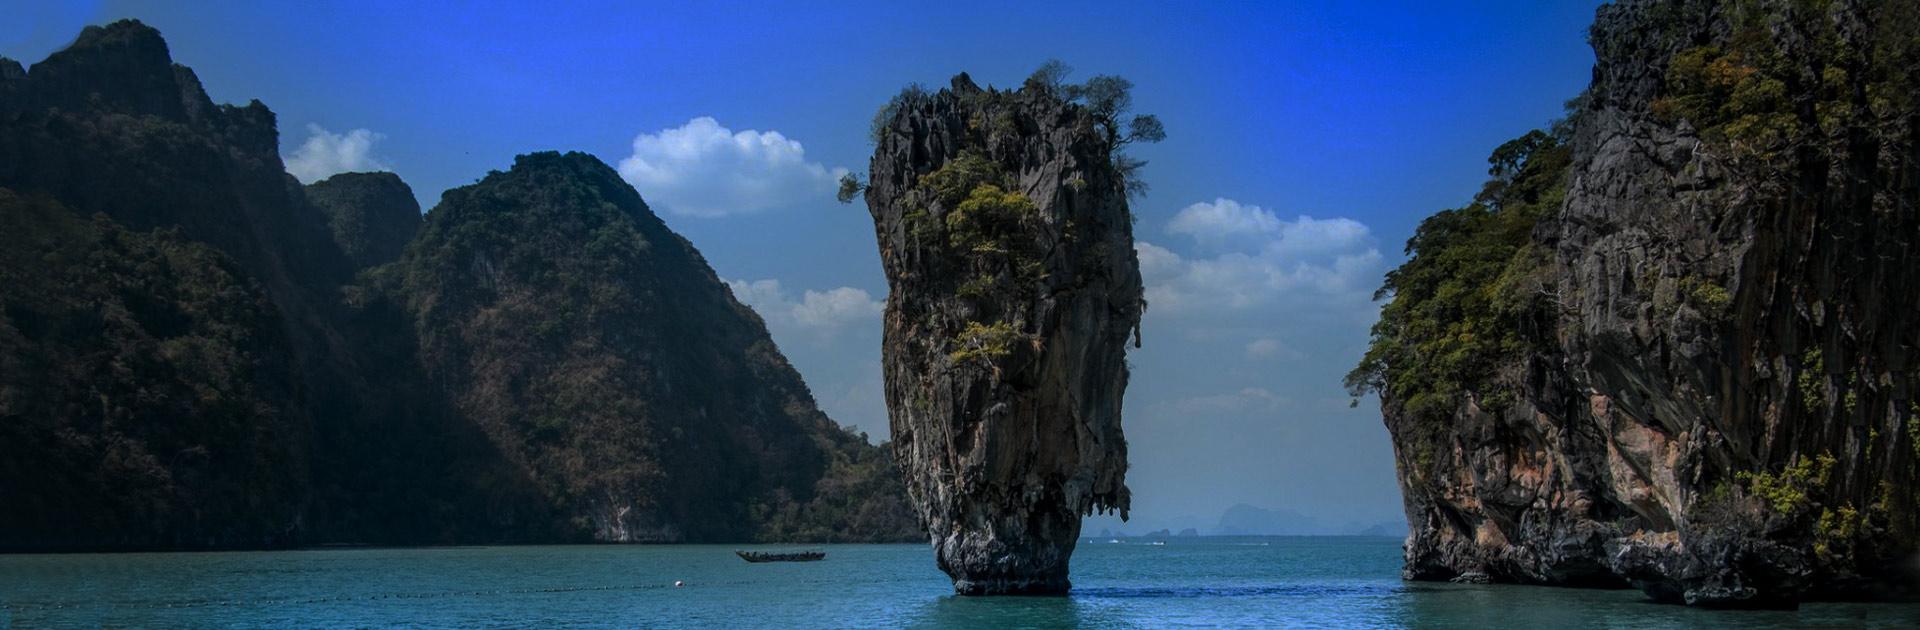 TH Bangkok y Phi Phi 10 días 5